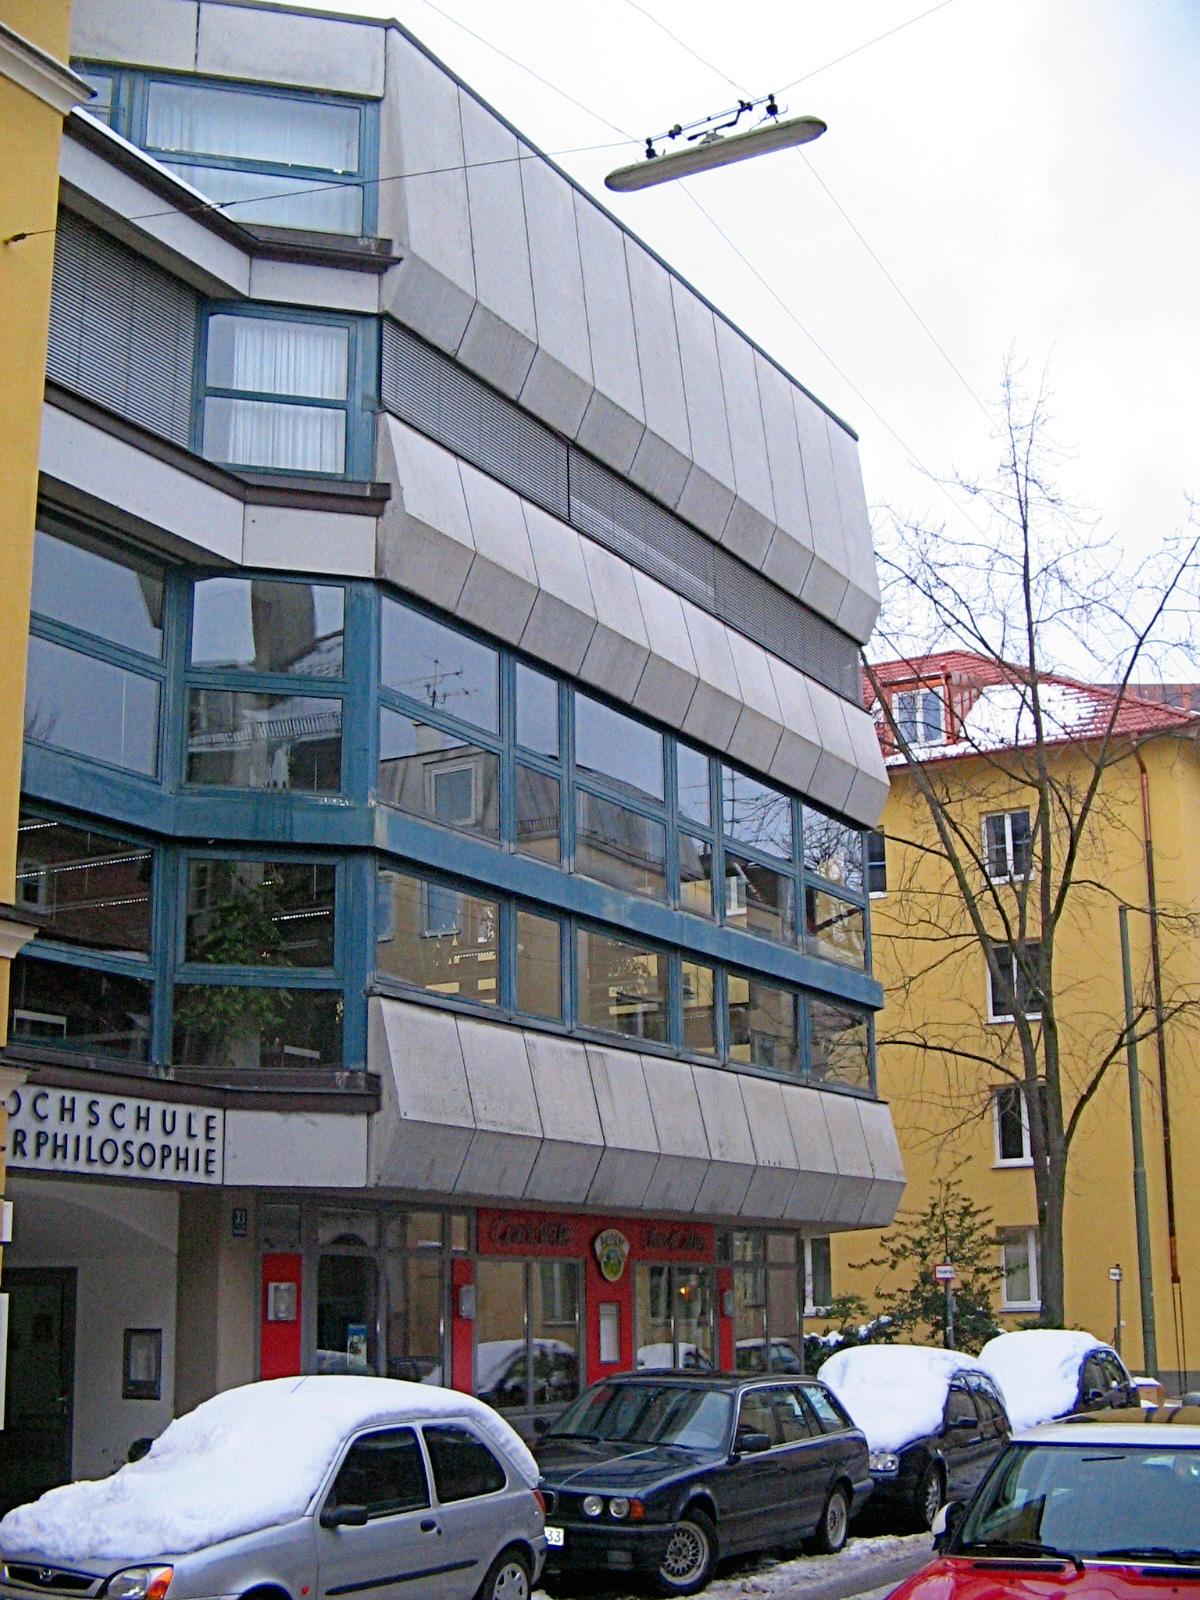 Hochschule Für Philosophie